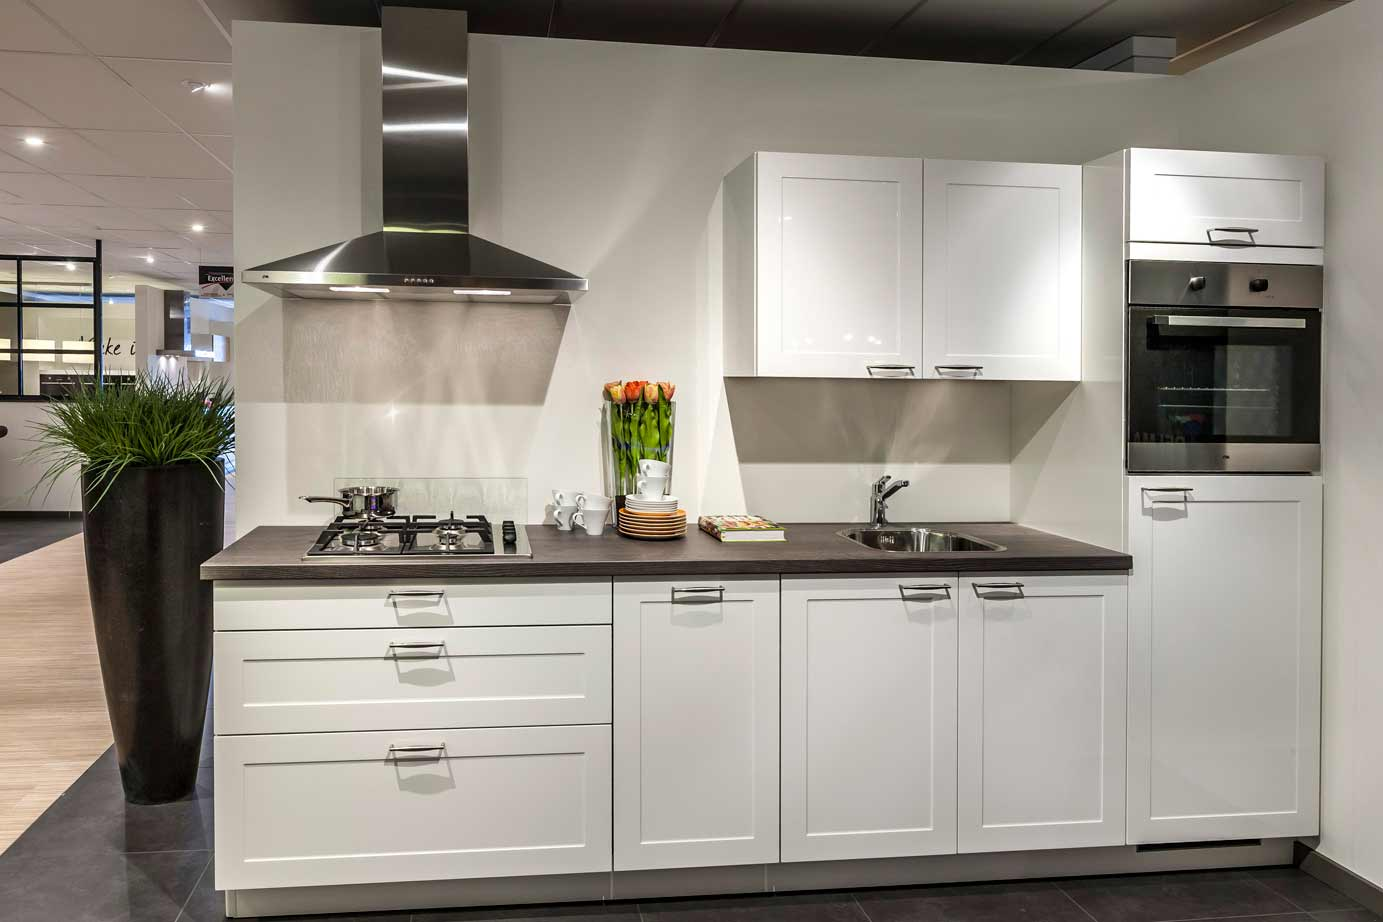 Keukentegels Ikea : Keuken Tegels Landelijk ~ Beste Inspiratie voor Huis Ontwerp